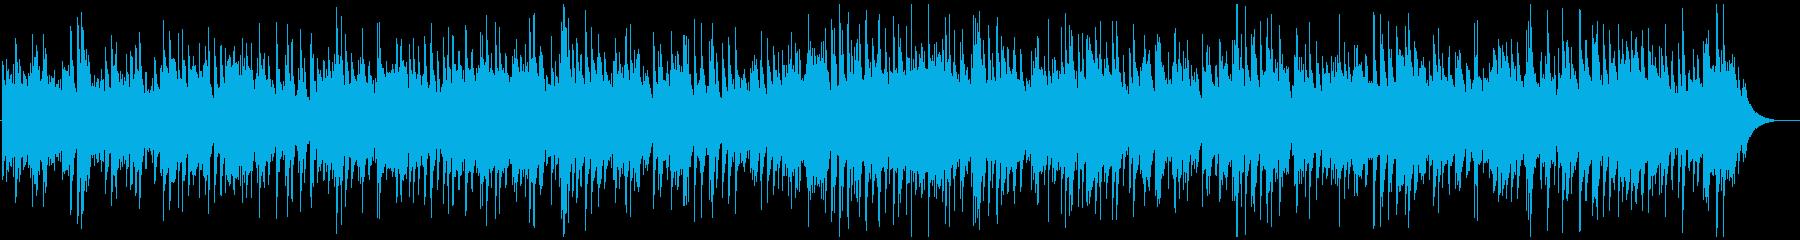 癒しのカントリーポップ、ピアノBGMの再生済みの波形